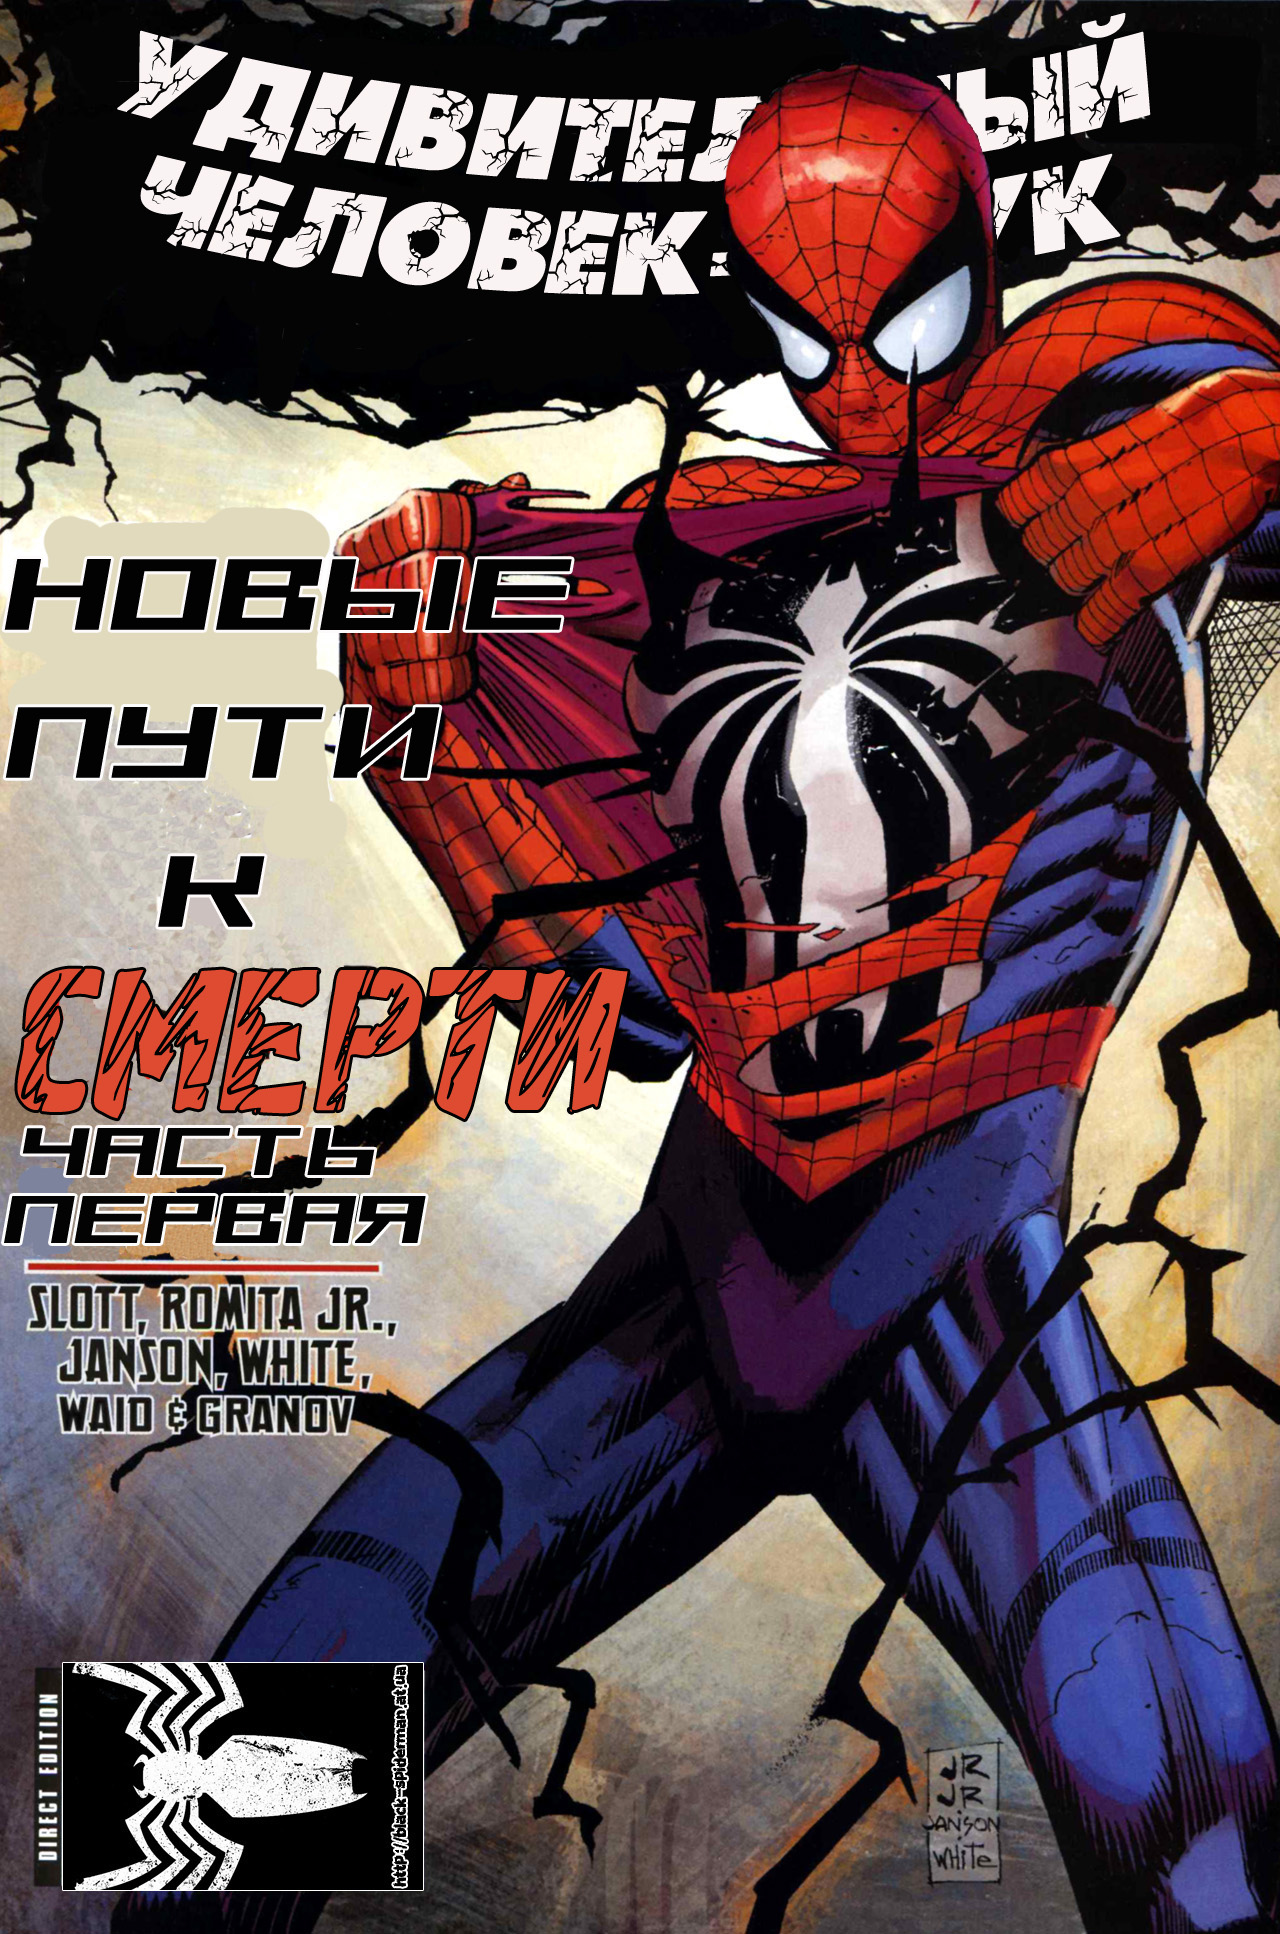 комиксы картинки человек паук